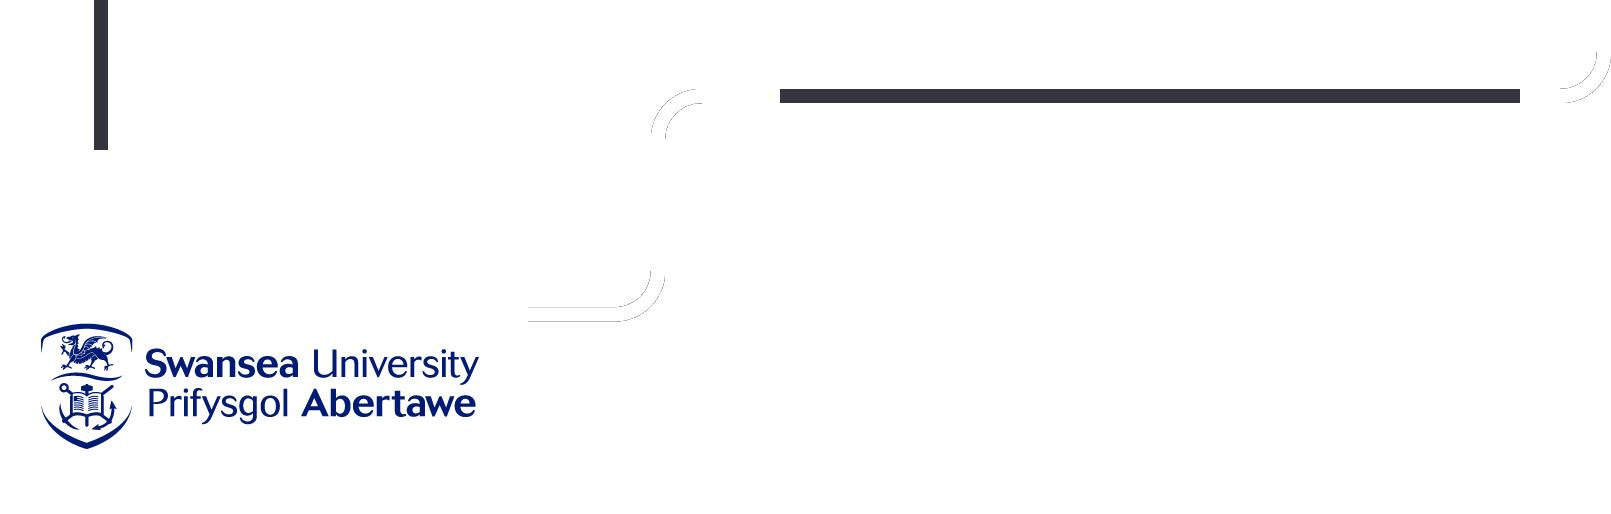 BUCANIER swansea logo